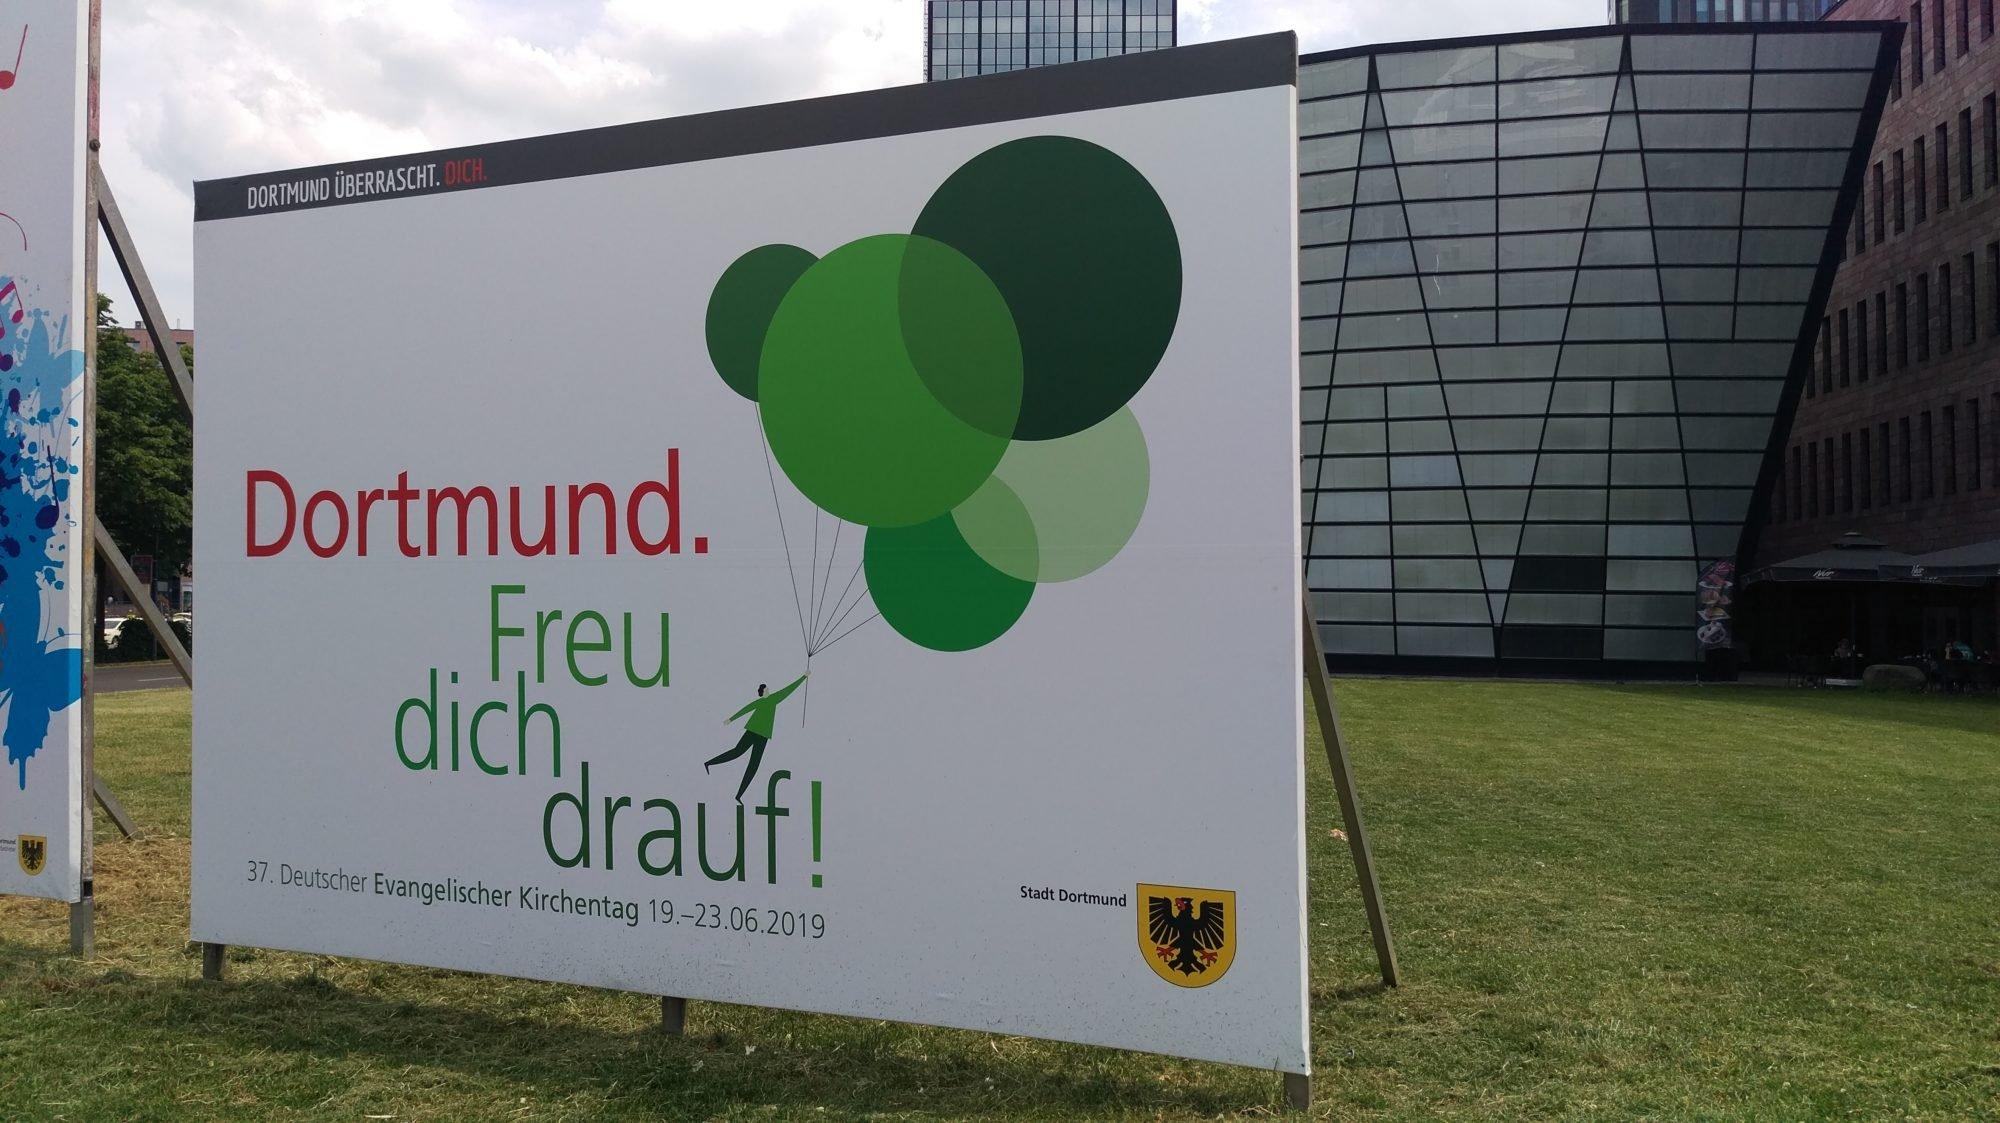 """Ein Werbeplakat für den 37. Deutschen Evangelischen Kirchentag mit der Aufschrift """"Dortmund. Freu dich drauf!"""" mit einer gezeichneten Figur, die an Luftballons hängt und davonfliegt sowie einem Wappen der Stadt Dortmund im unteren rechten Eck."""